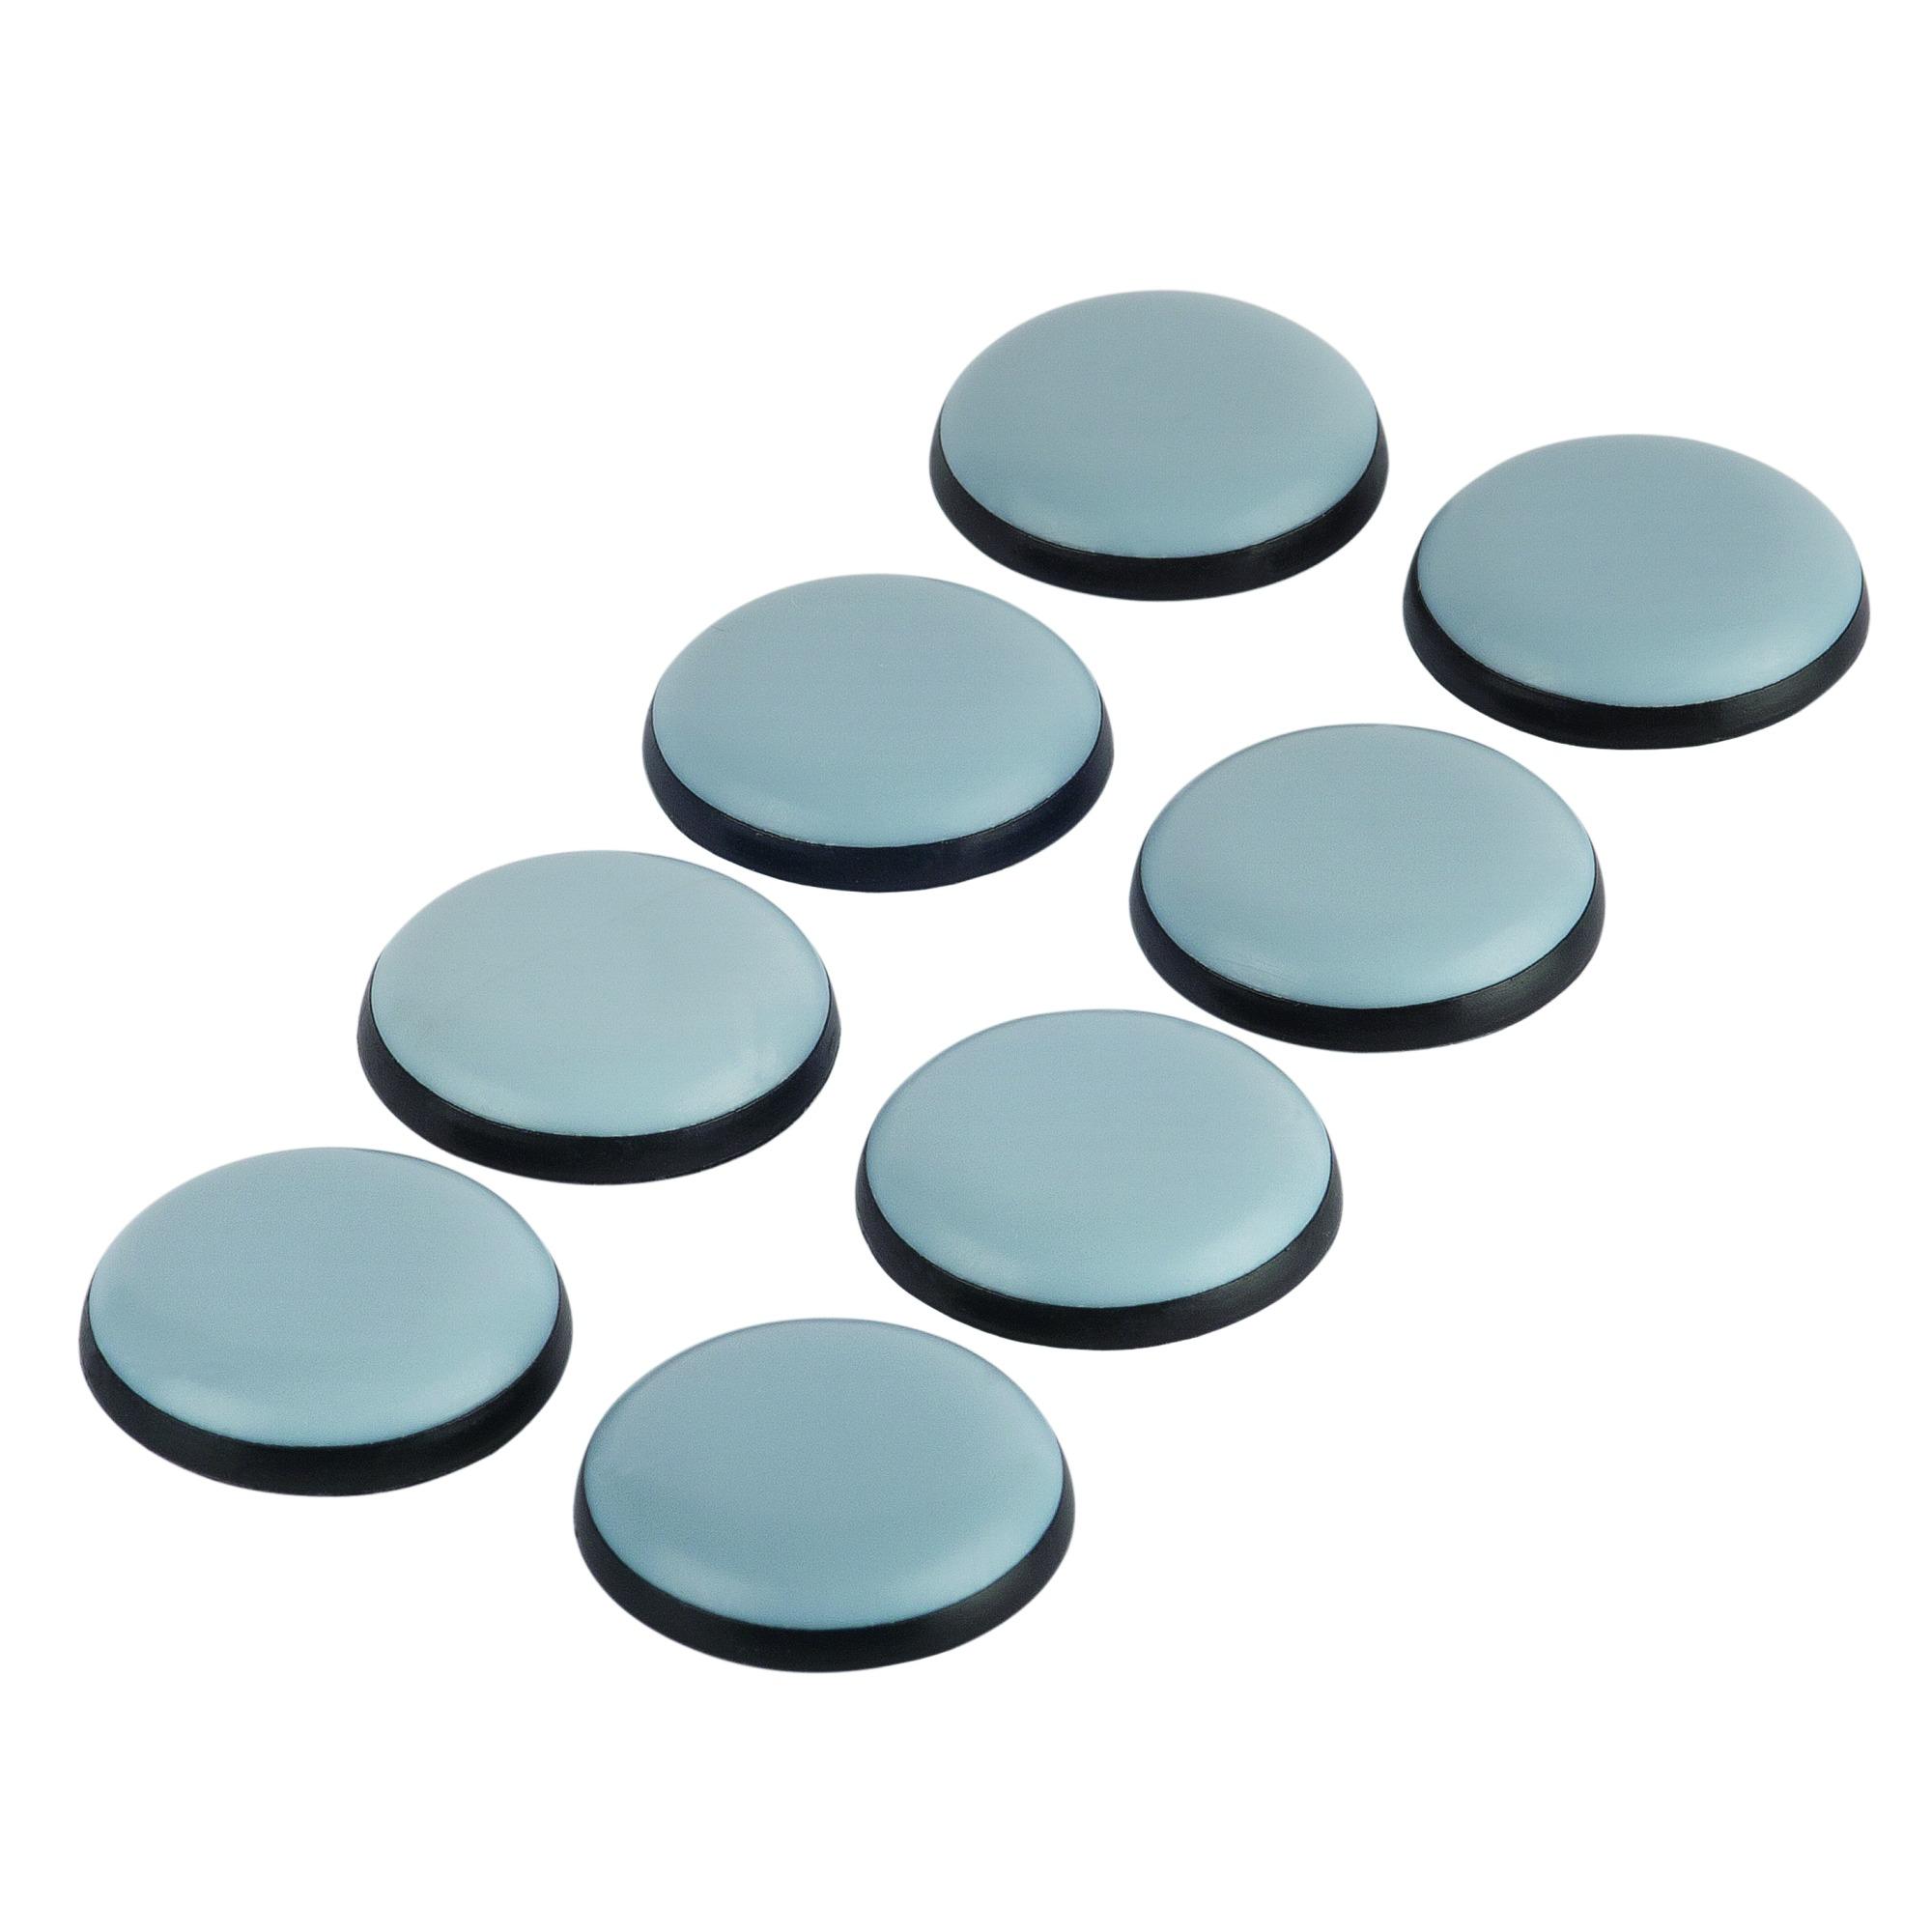 patin de meuble ptfe adh sif 25 mm 10 pi ces feutre patins avec vis quincaillerie. Black Bedroom Furniture Sets. Home Design Ideas